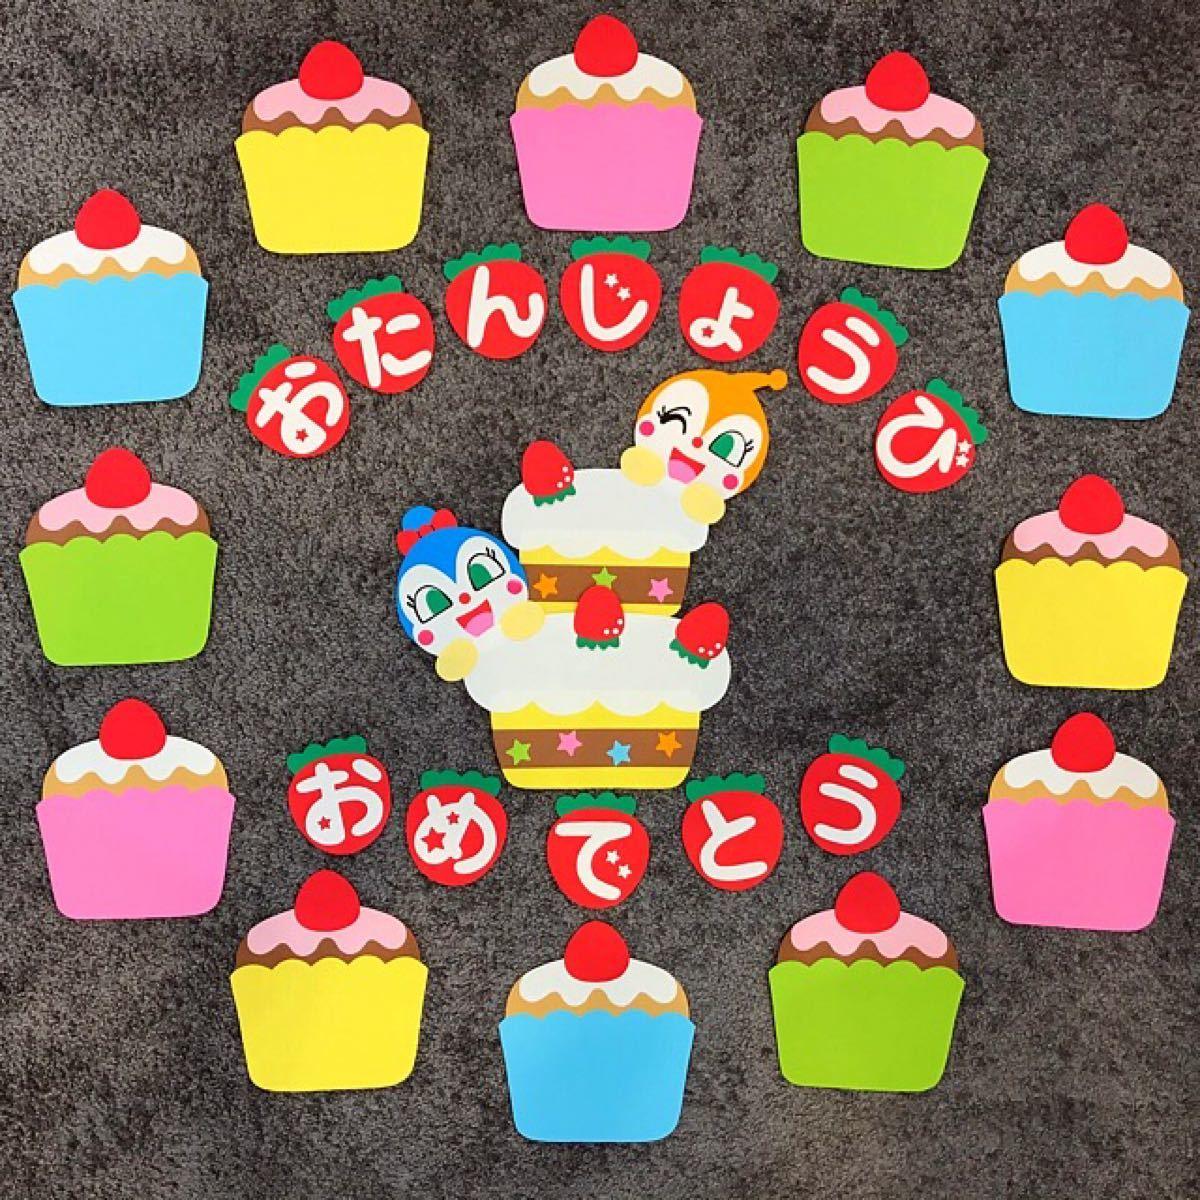 バースデーケーキ 誕生表 壁面飾り